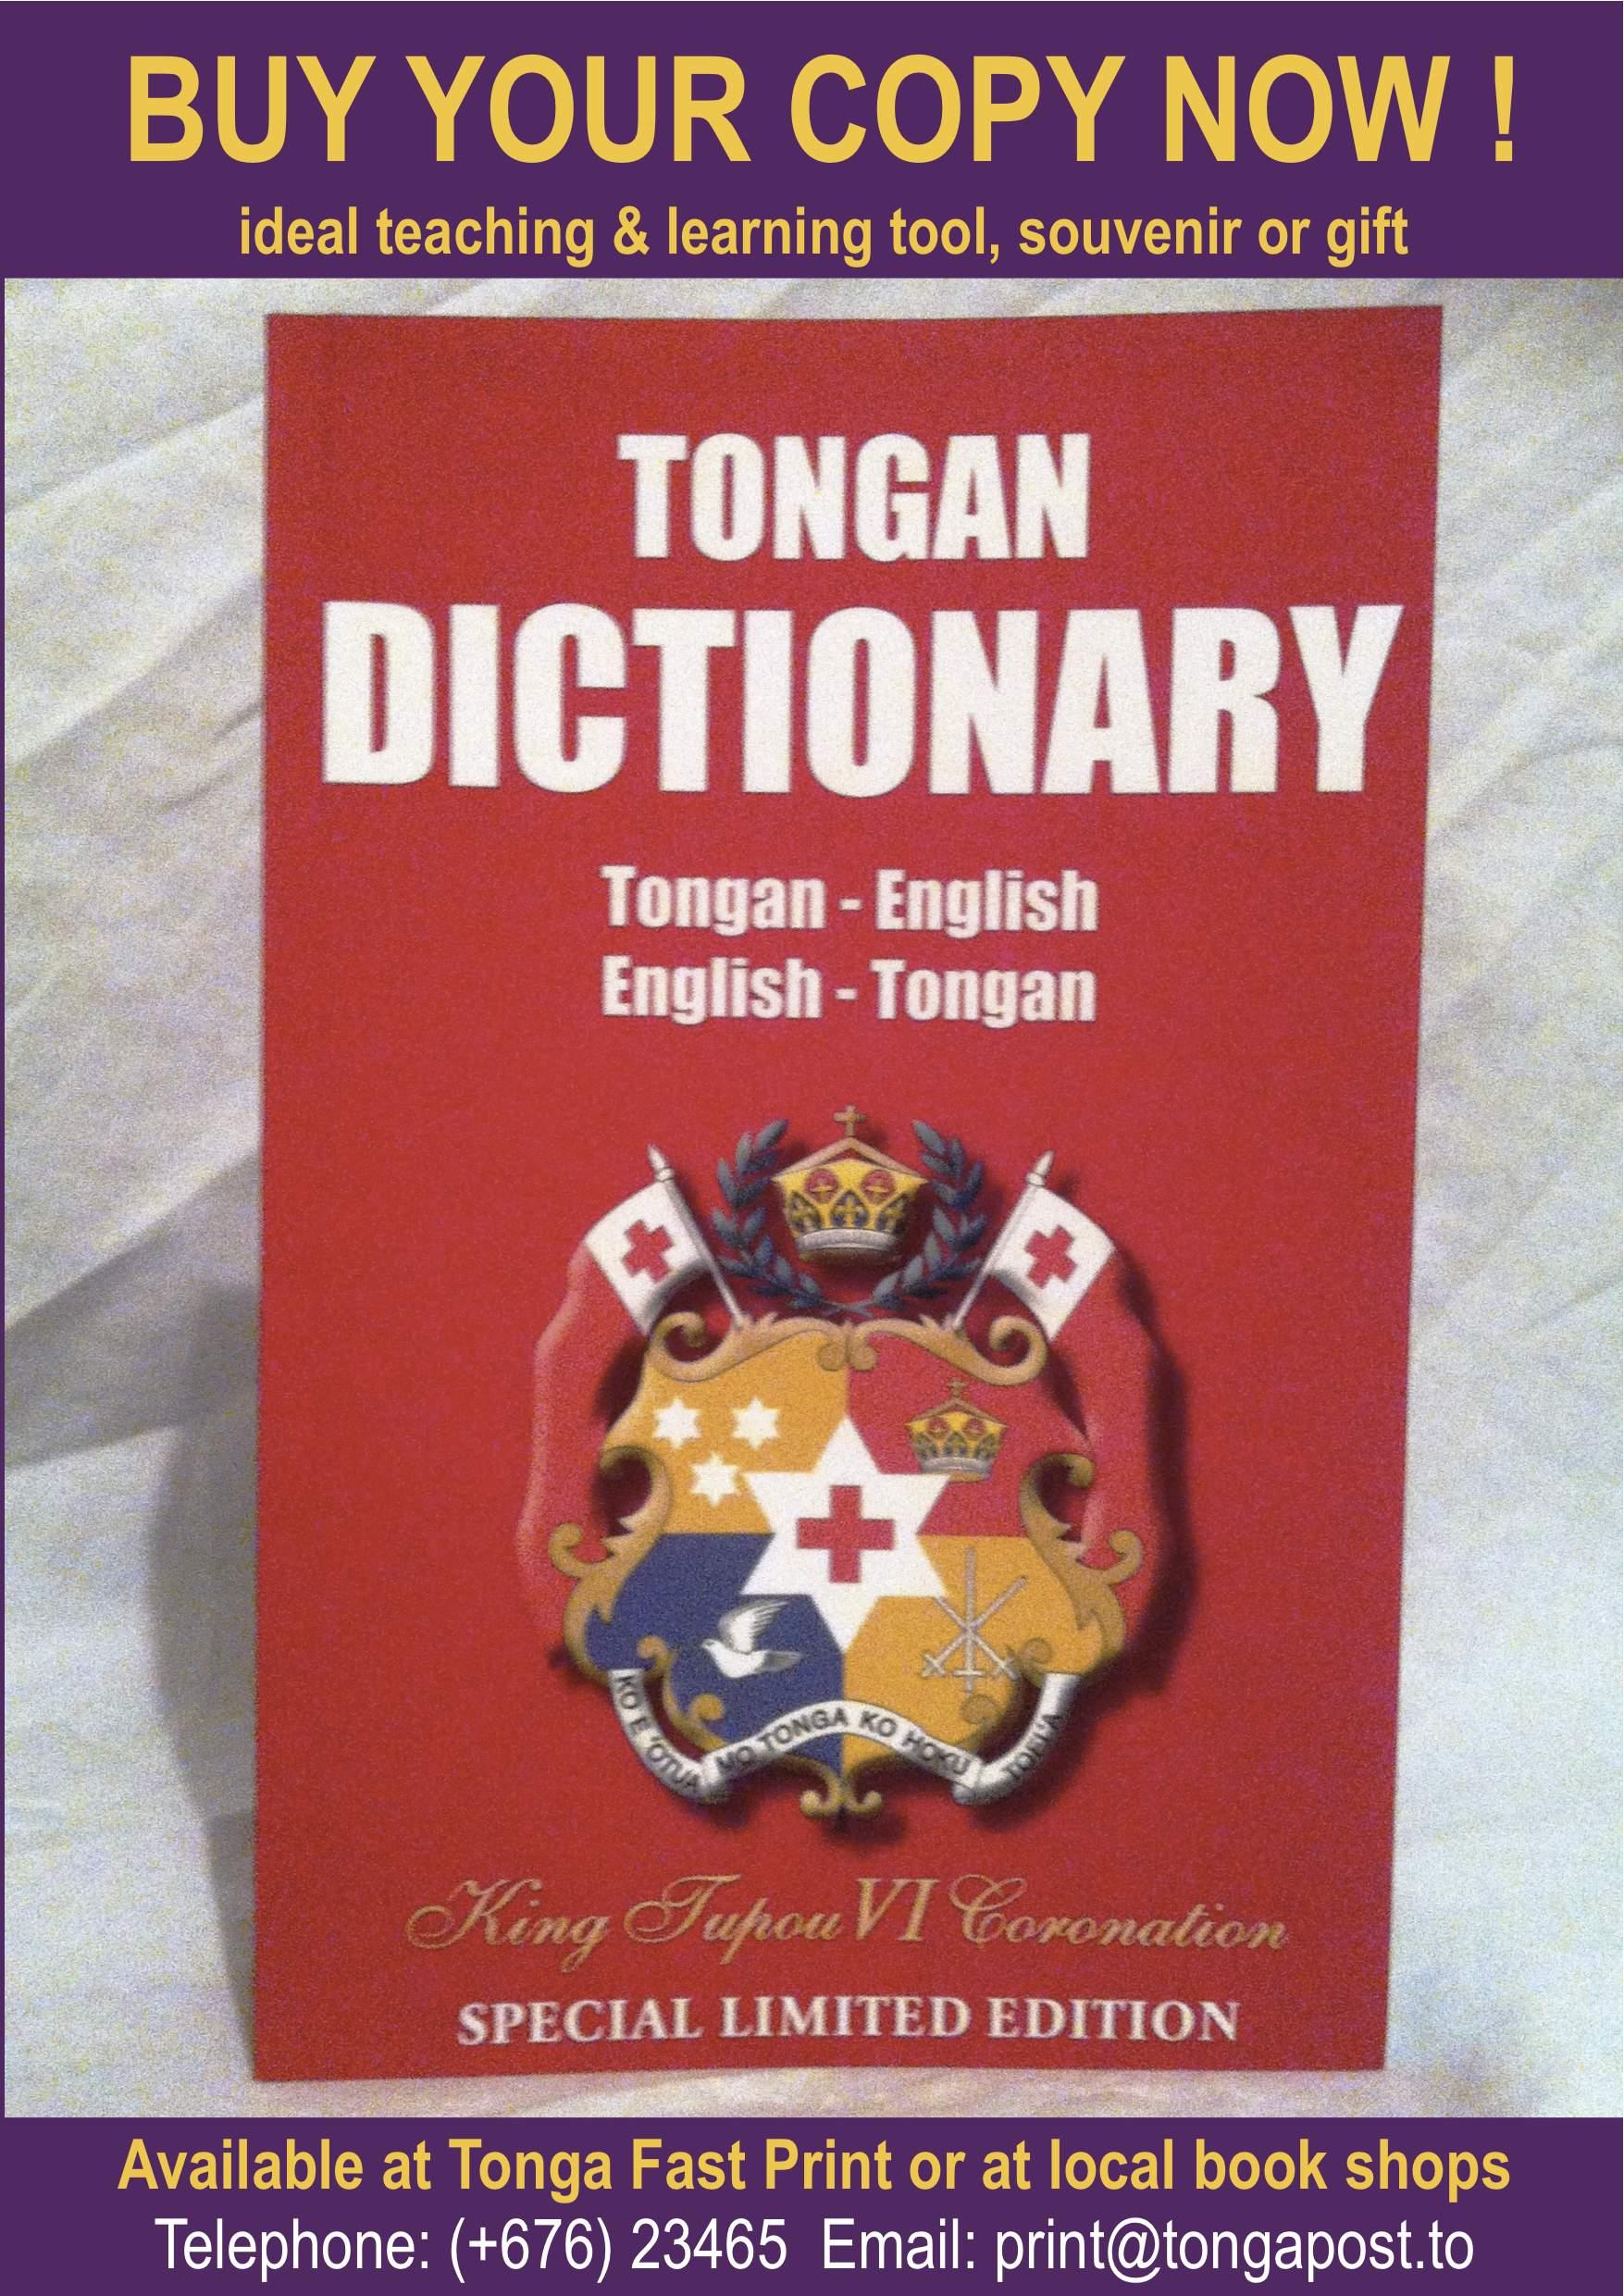 Tongan English Dictionary